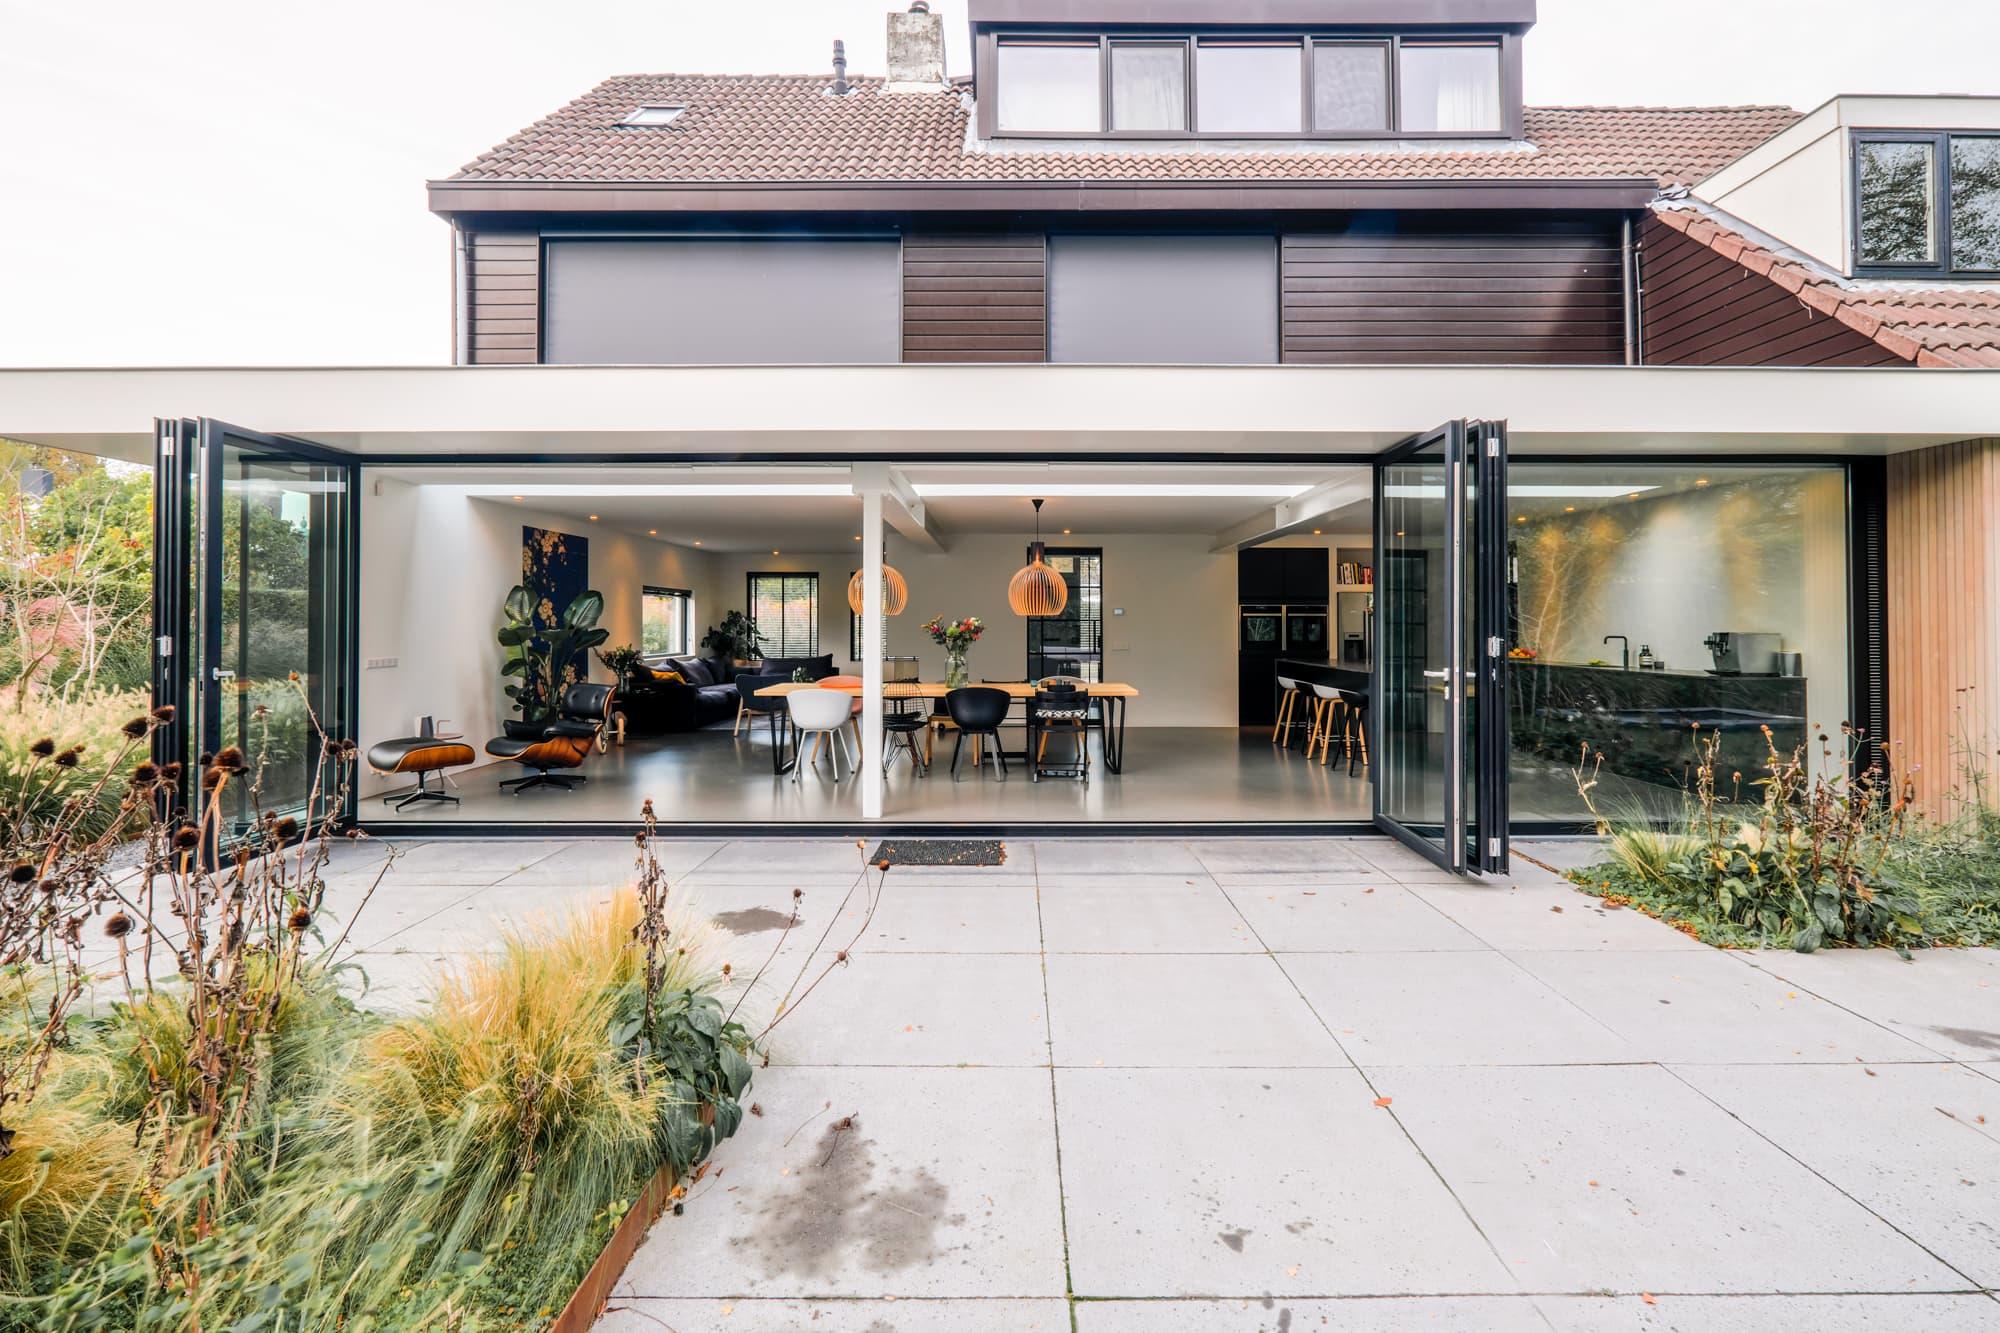 van-os-architecten-breda-ontwerp-moderne-aanbouw-met-aluminium-vouwschuifpui-volledig-geopend